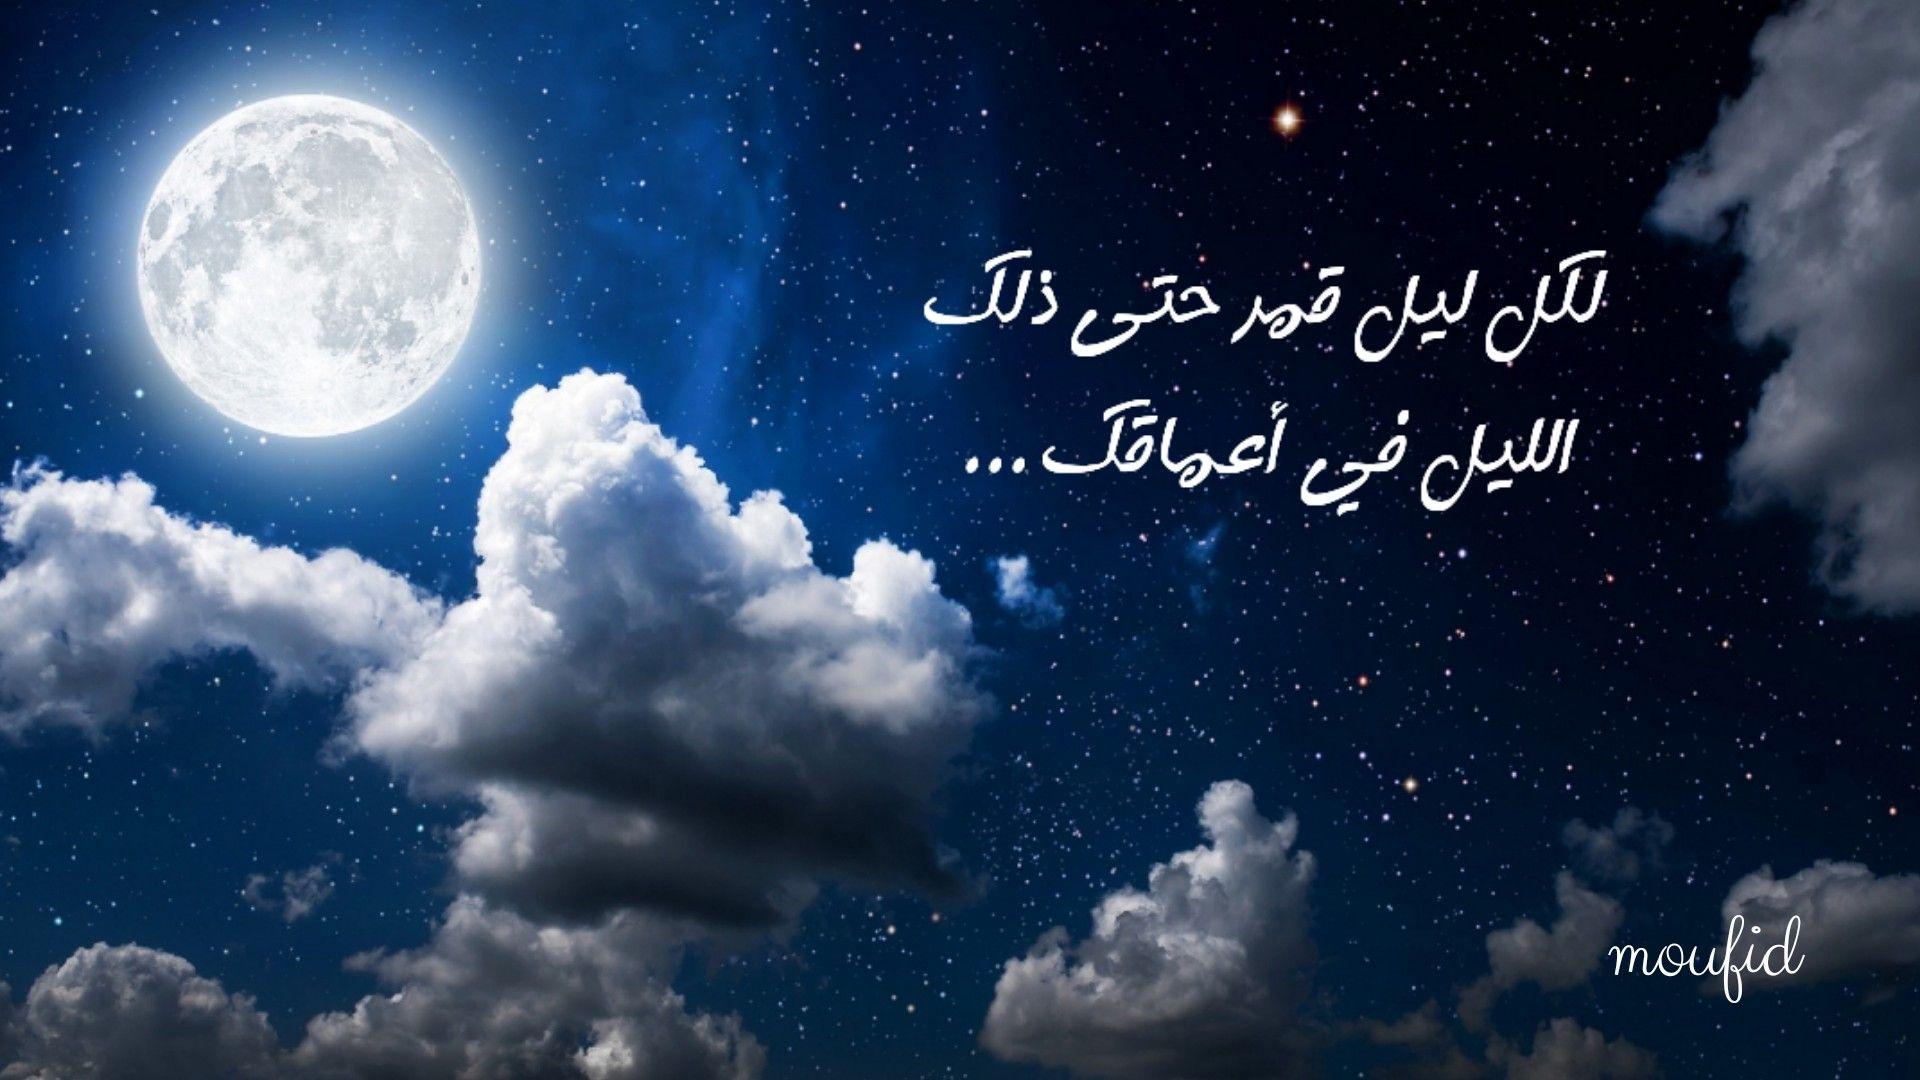 لكل ليل قمر حتى ذلك الليل في أعماقك Drawings Lockscreen Wallpaper